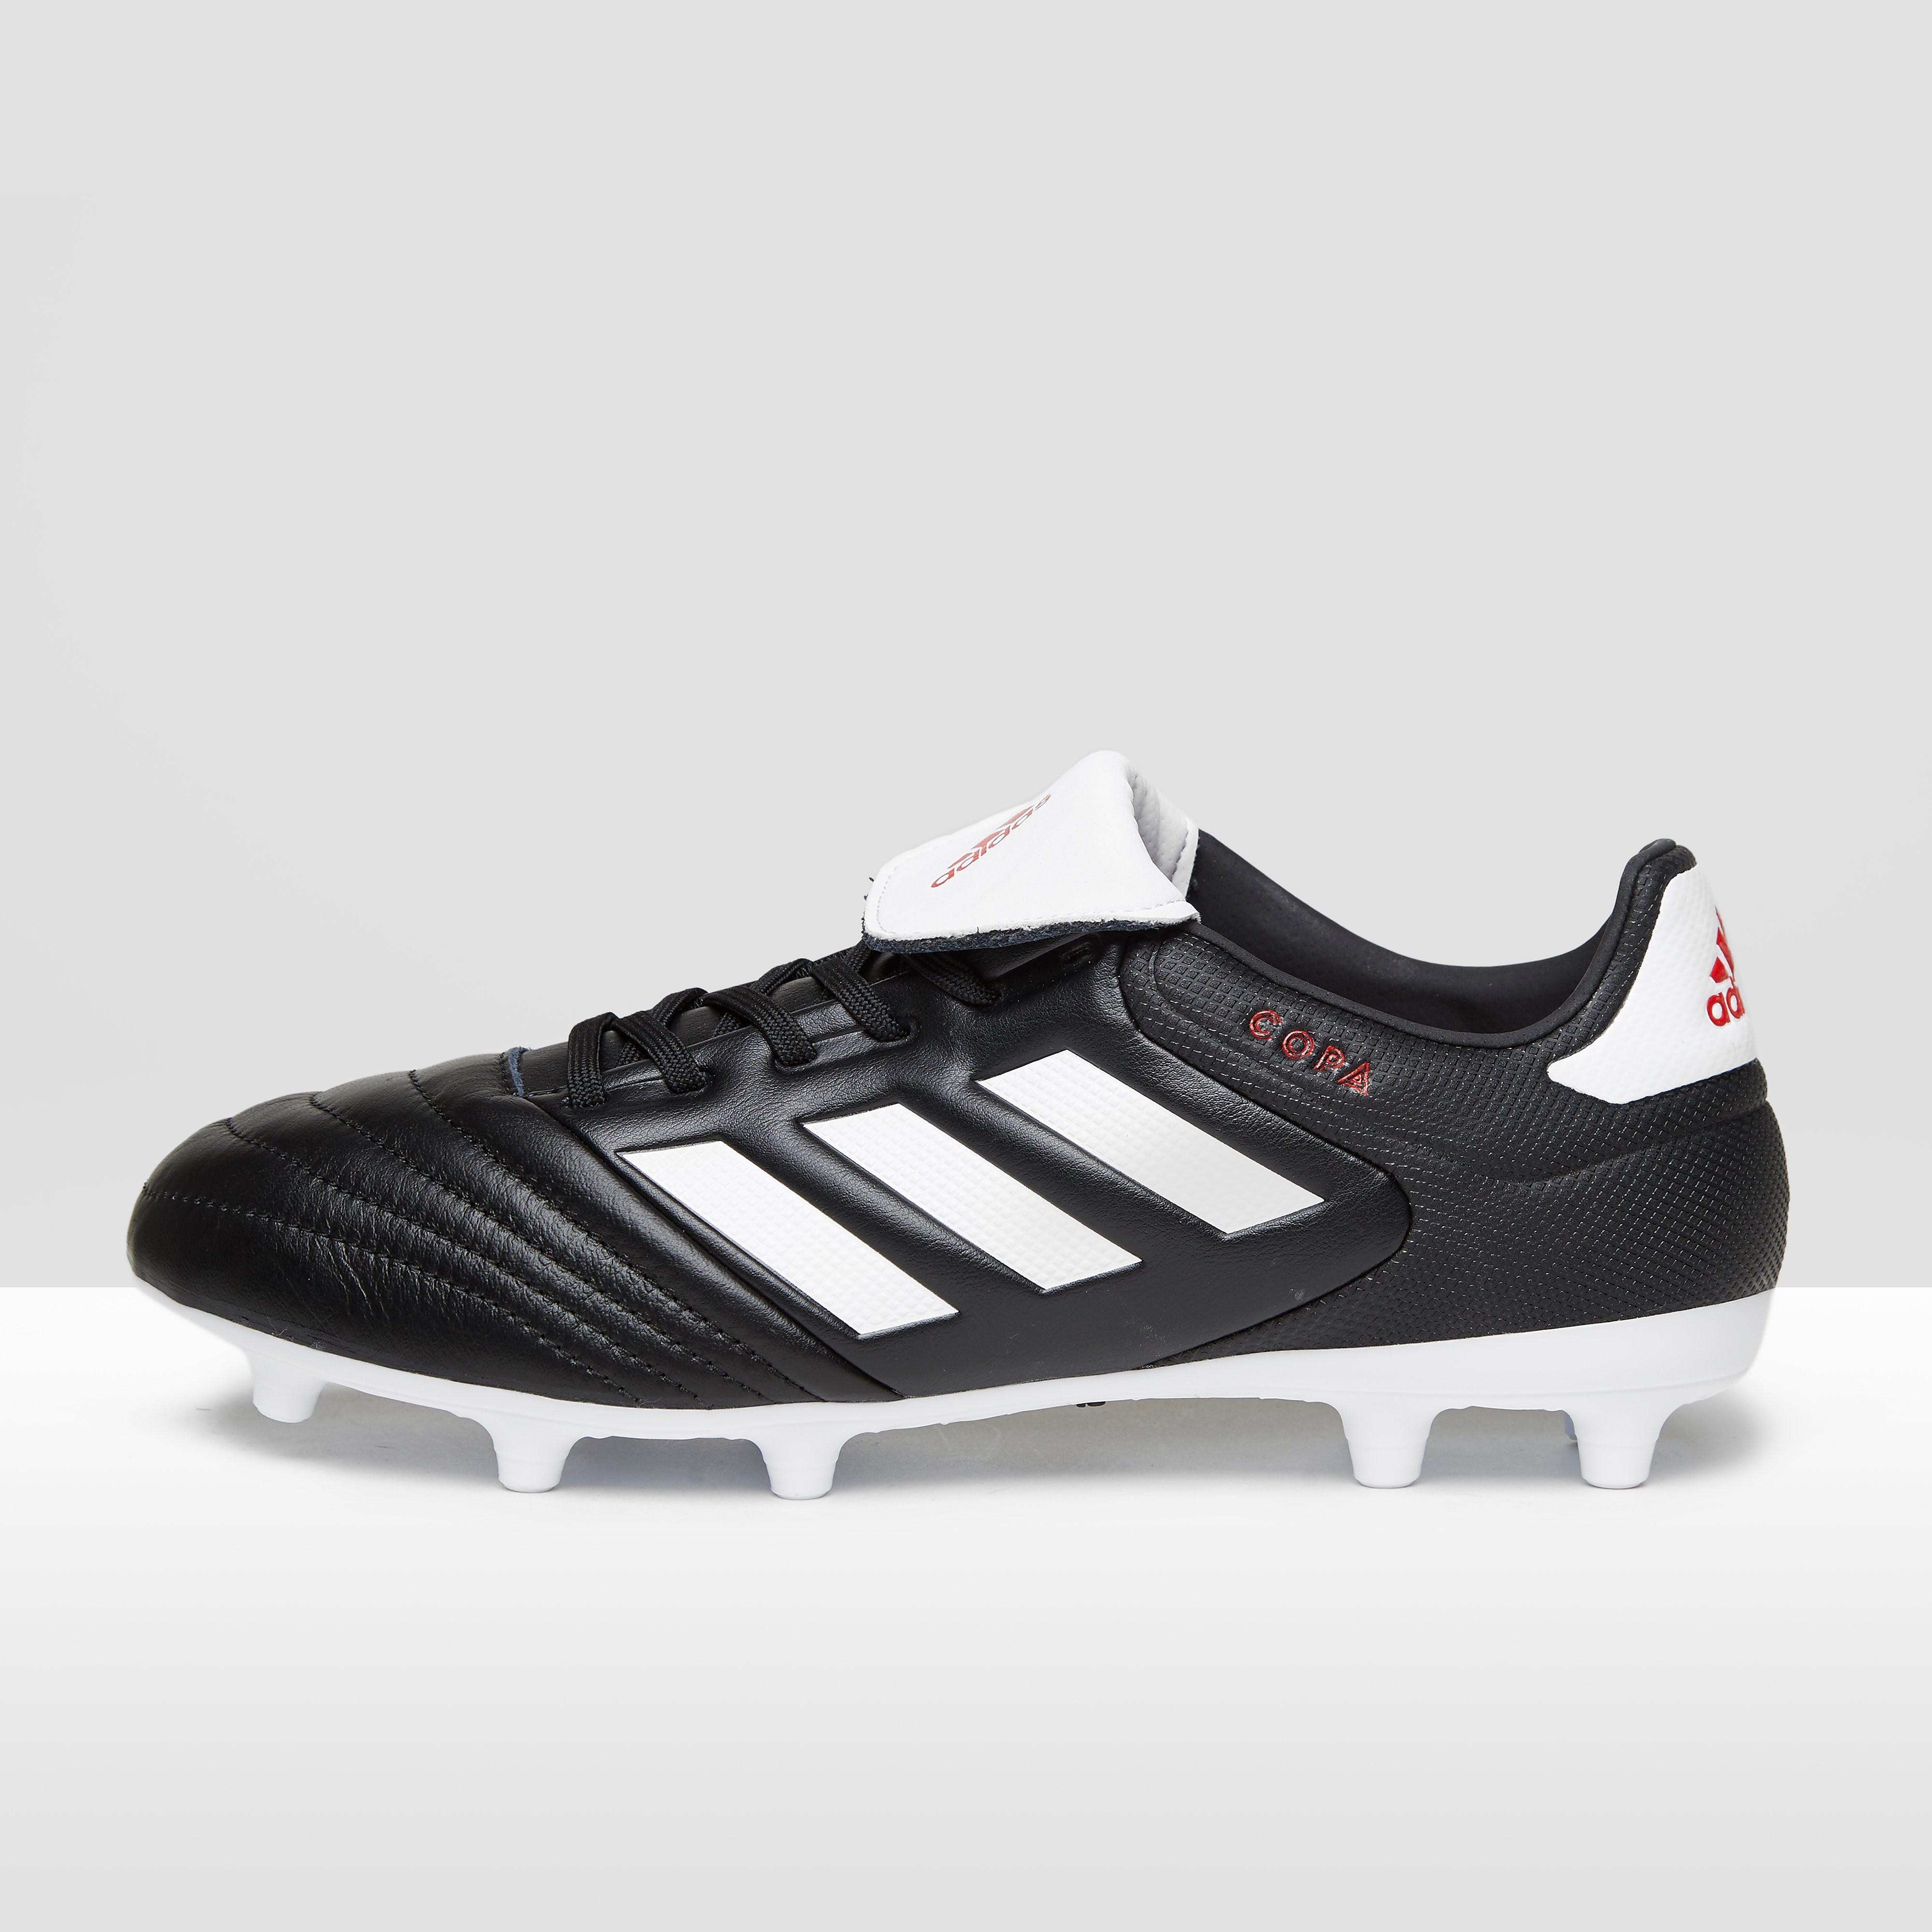 Rugbyschoenen Copa 17.3 voor droog terrein, vaste noppen, zwart